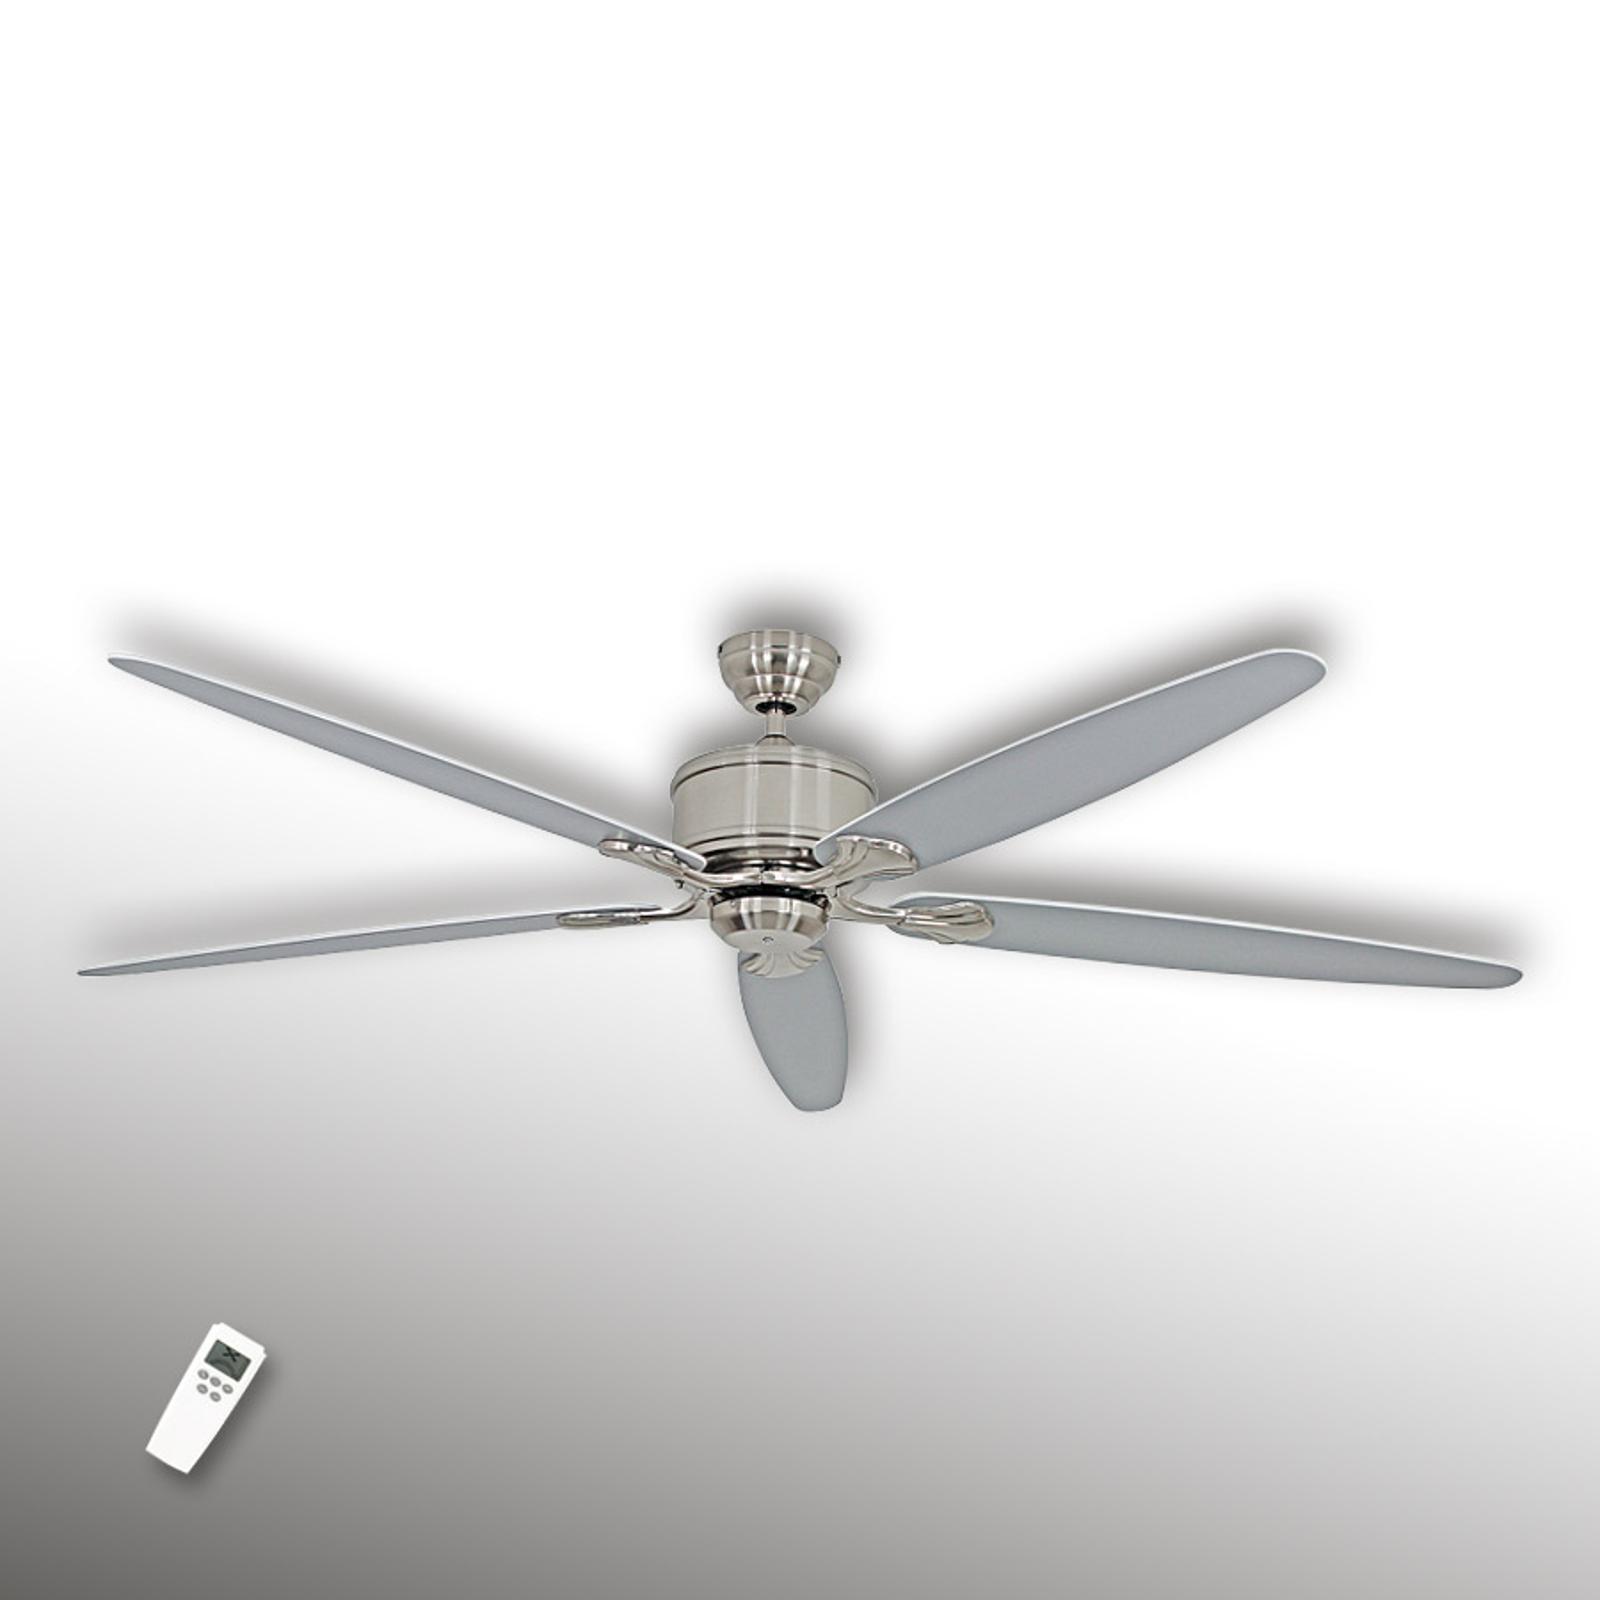 Úsporný stropní ventilátor Eco Elements, chrom